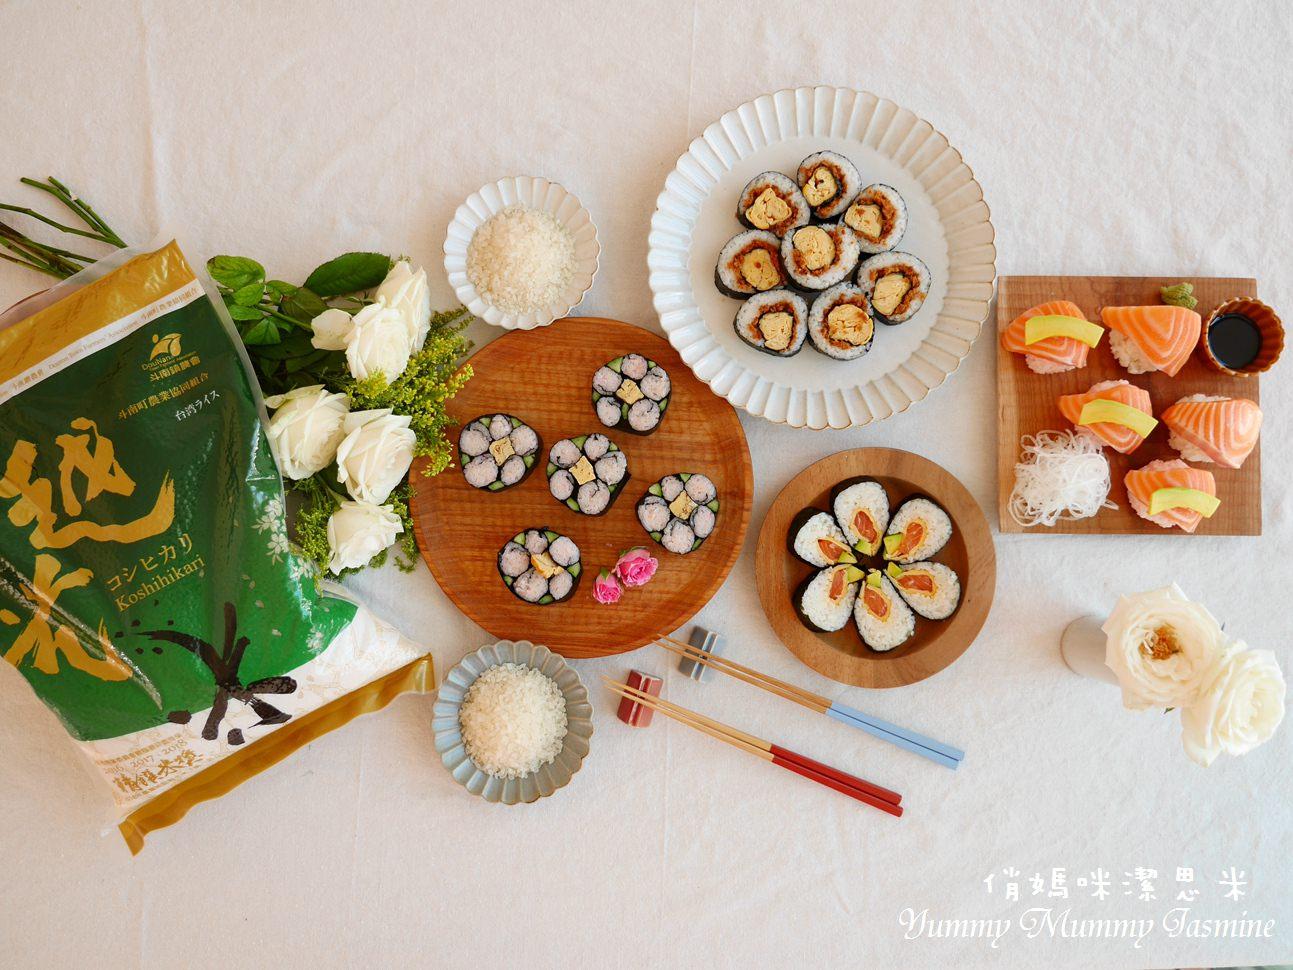 [花壽司]捲一捲。在家也可以DIY變化的壽司好料理💗米粒晶瑩飽滿。光澤芳香💗107年臺灣米屆奧斯卡獎的「精饌米獎」🥈亞軍「CAS斗南町越光米」!